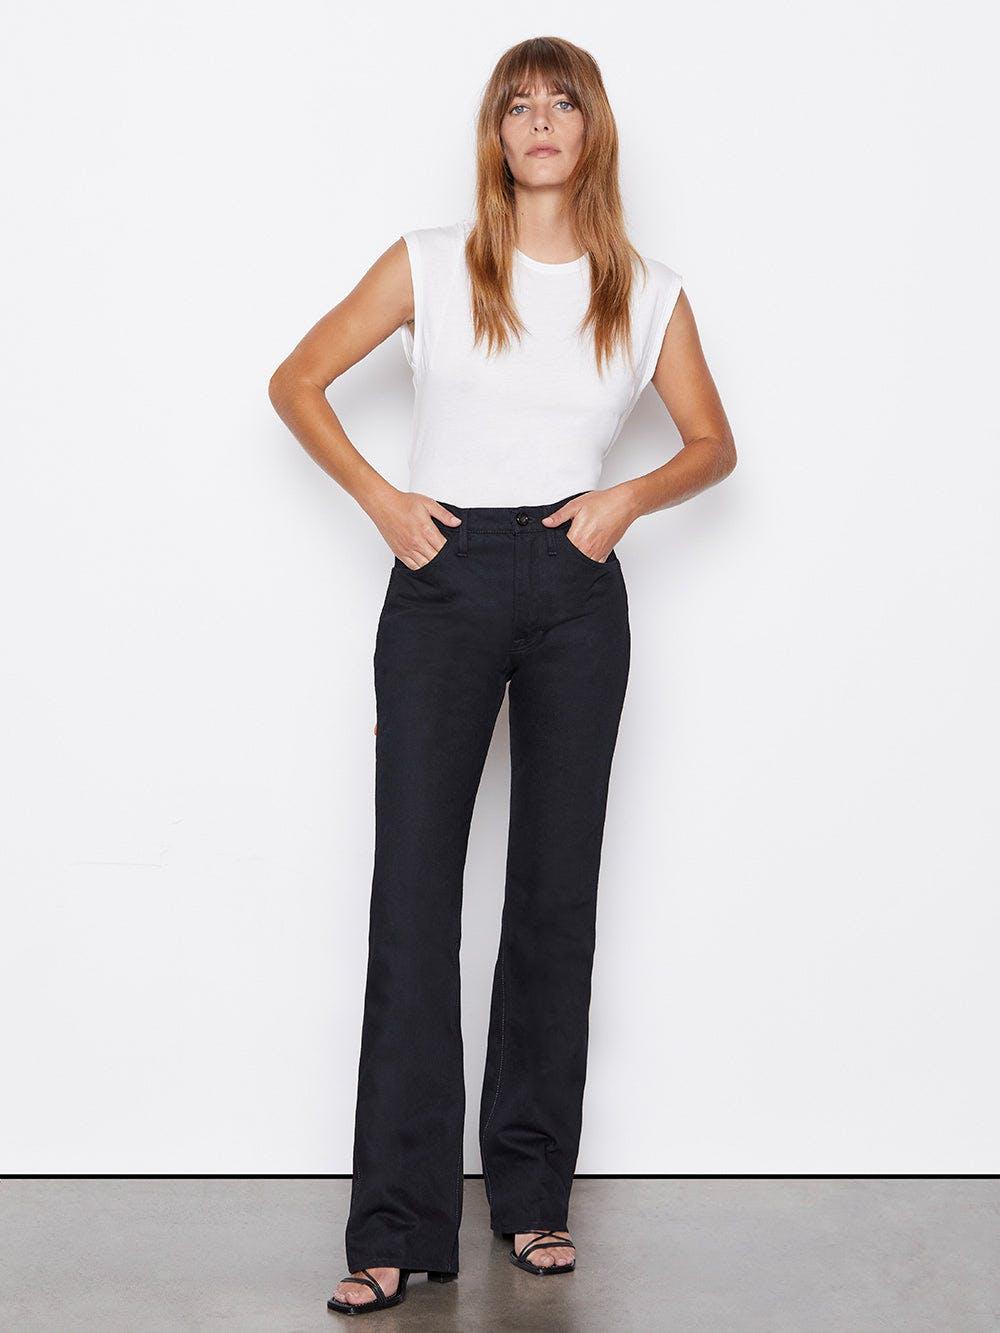 jeans full body alt:hover